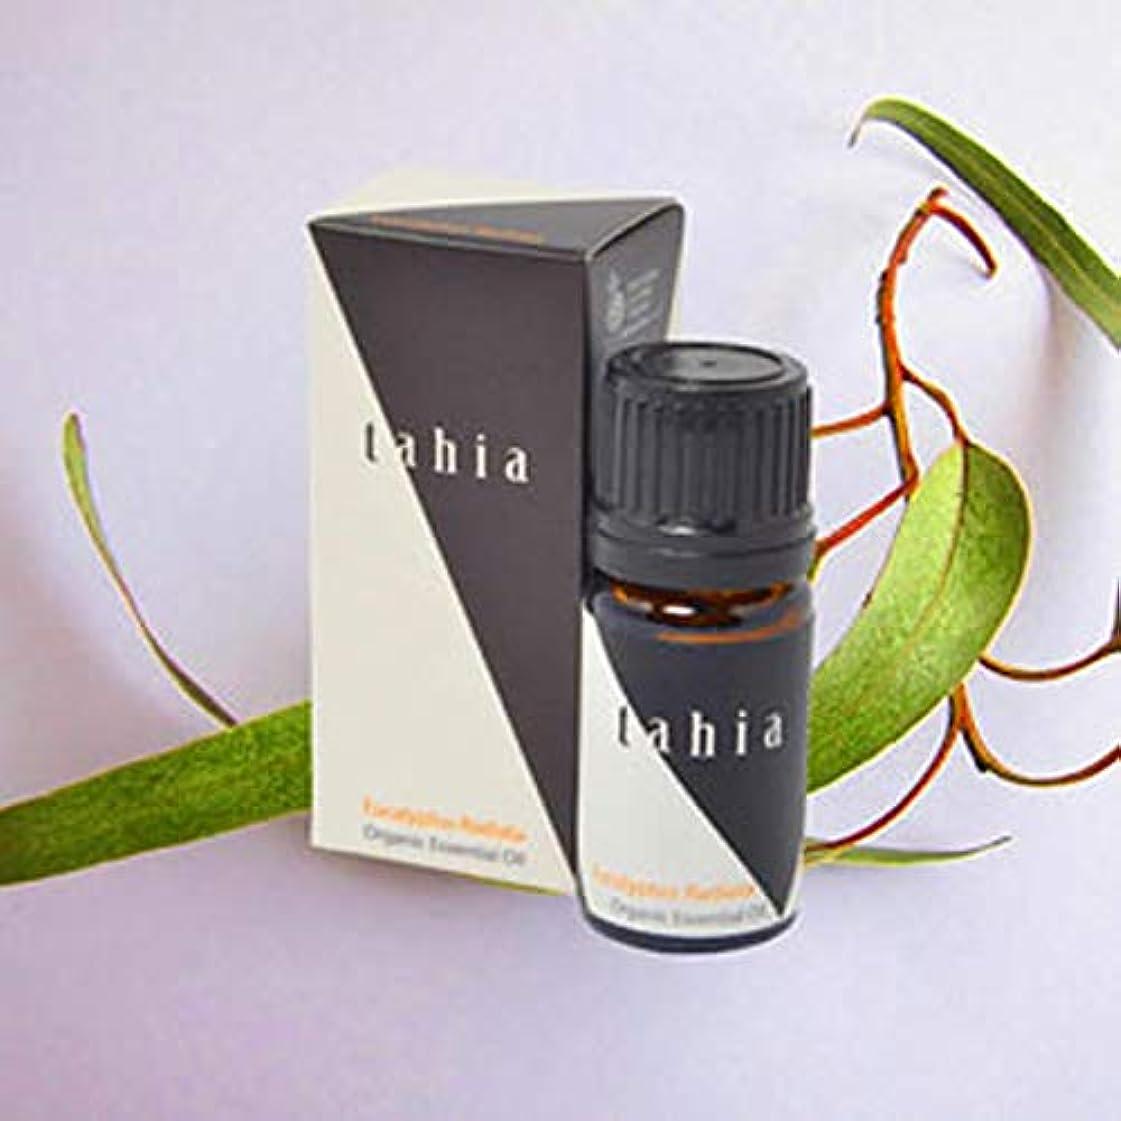 かりて水非公式タツフト タヒア tahia  ユーカリ ラディアータ  エッセンシャルオイル オーガニック 芳香 精油